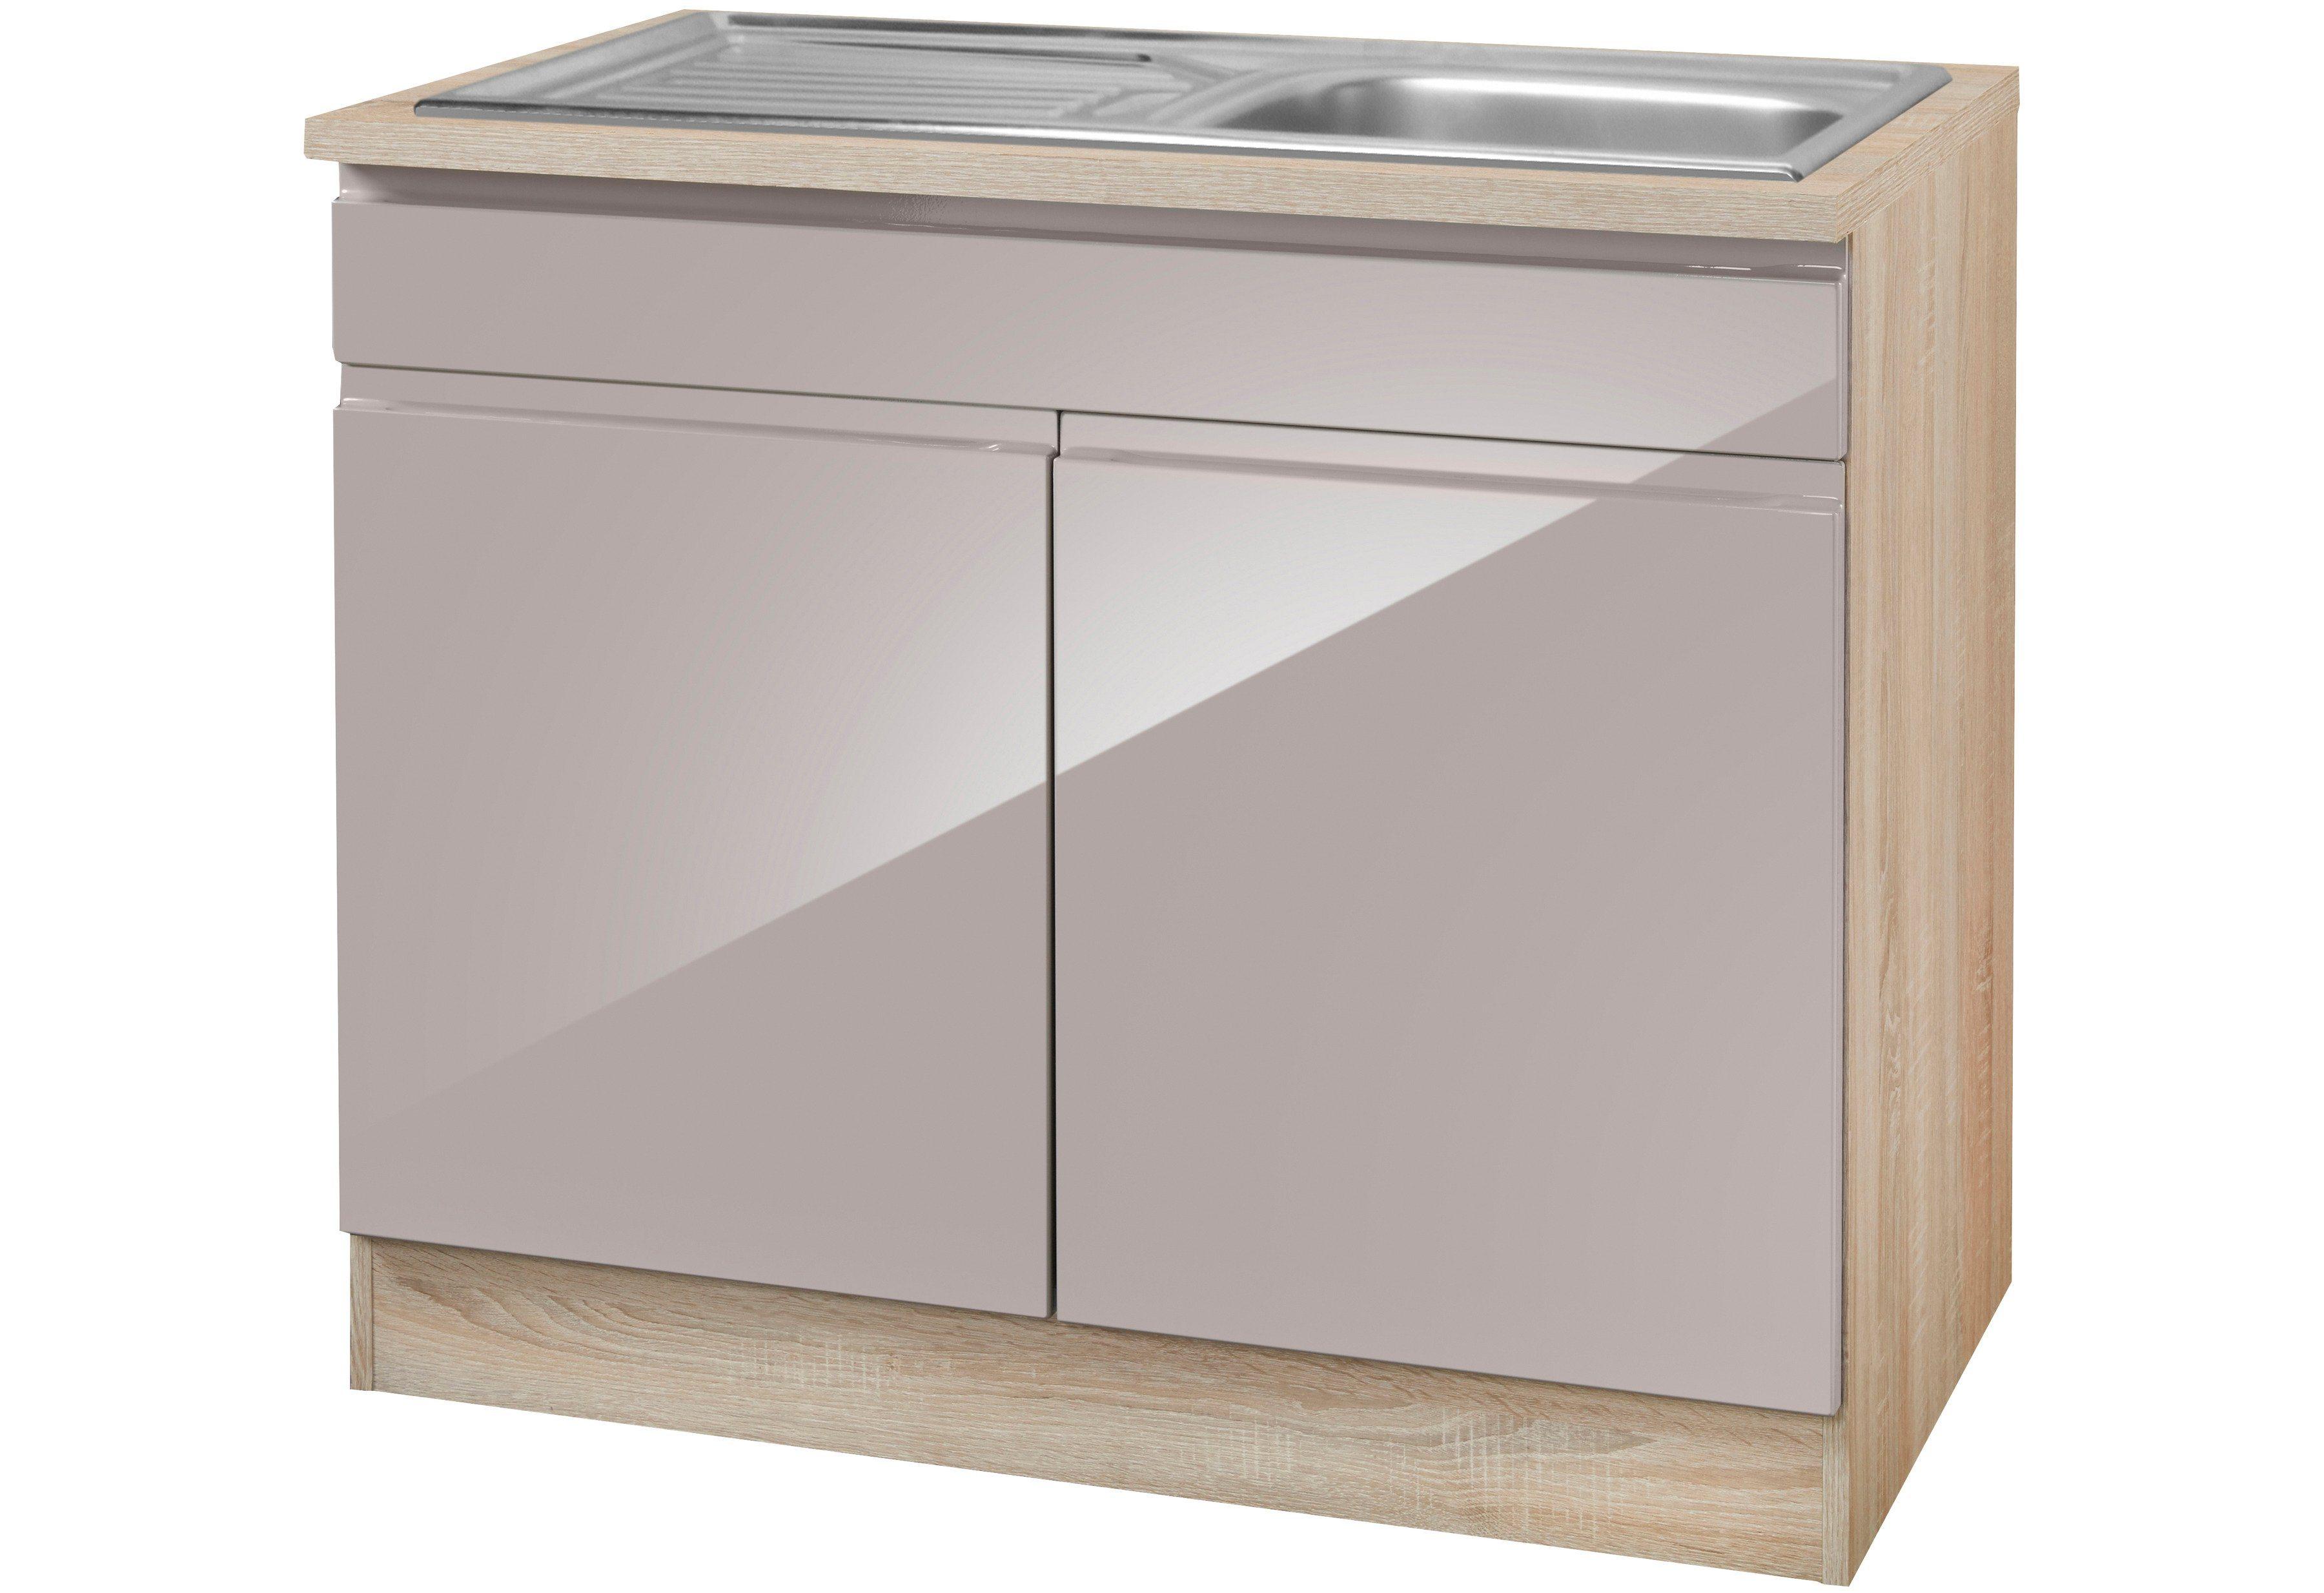 HELD MÖBEL Spülenschrank »Virginia, Breite 100 cm« | Küche und Esszimmer > Küchenschränke > Spülenschränke | Holzwerkstoff | HELD MÖBEL